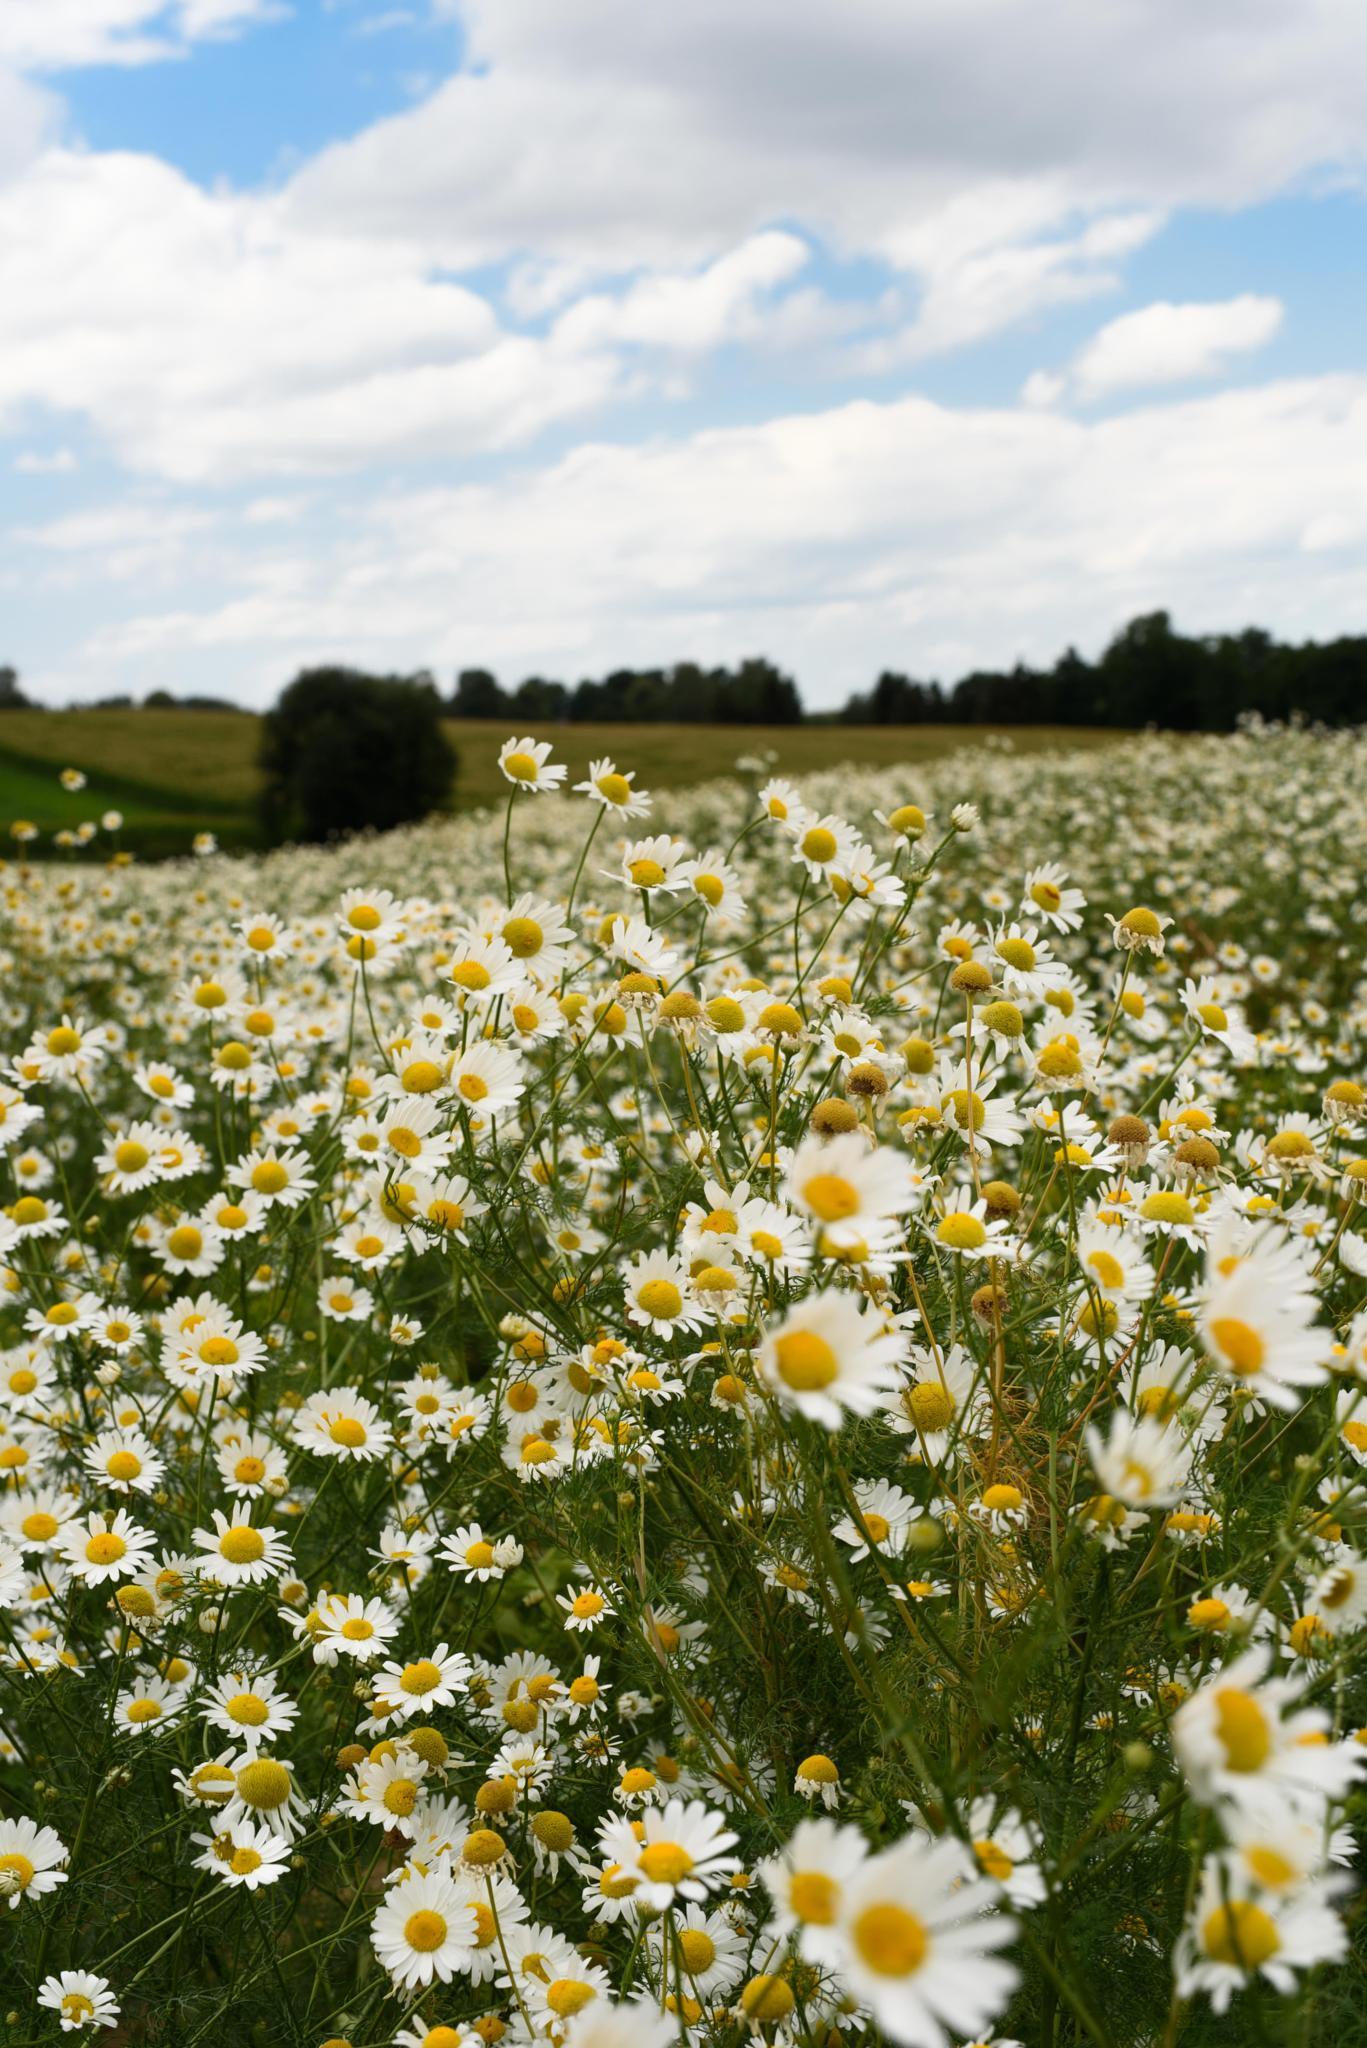 daisy field by designatgarten